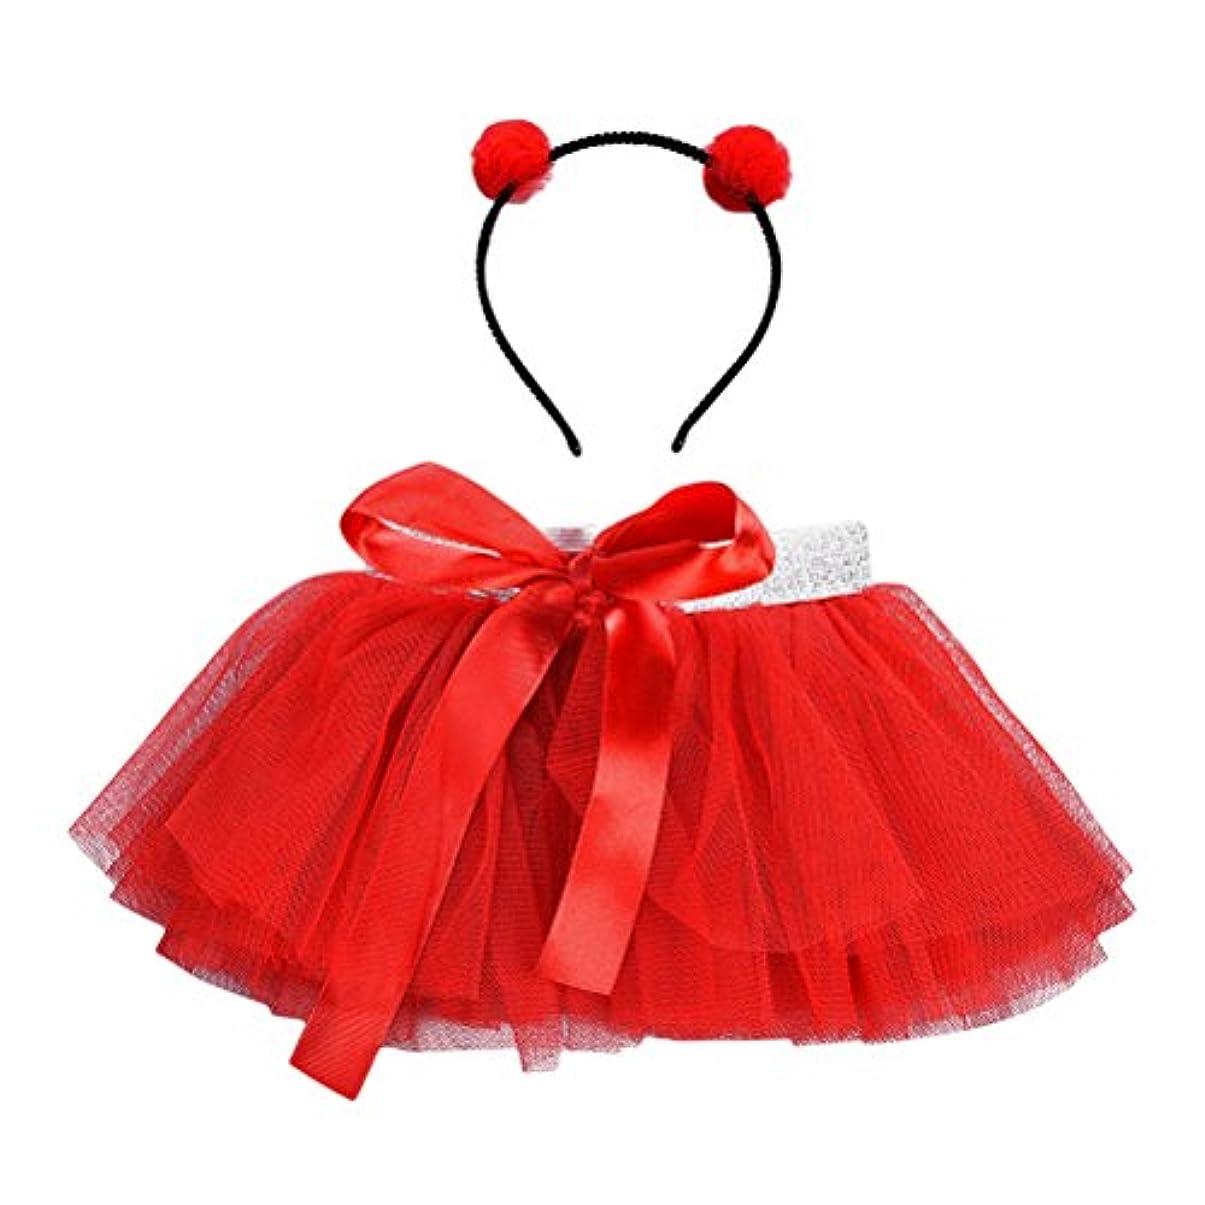 実際の真剣に樹木LUOEM 女の子TutuスカートセットヘッドバンドプリンセスガールTutuの服装赤ちゃん女の子Birthday Outfit Set(Red)